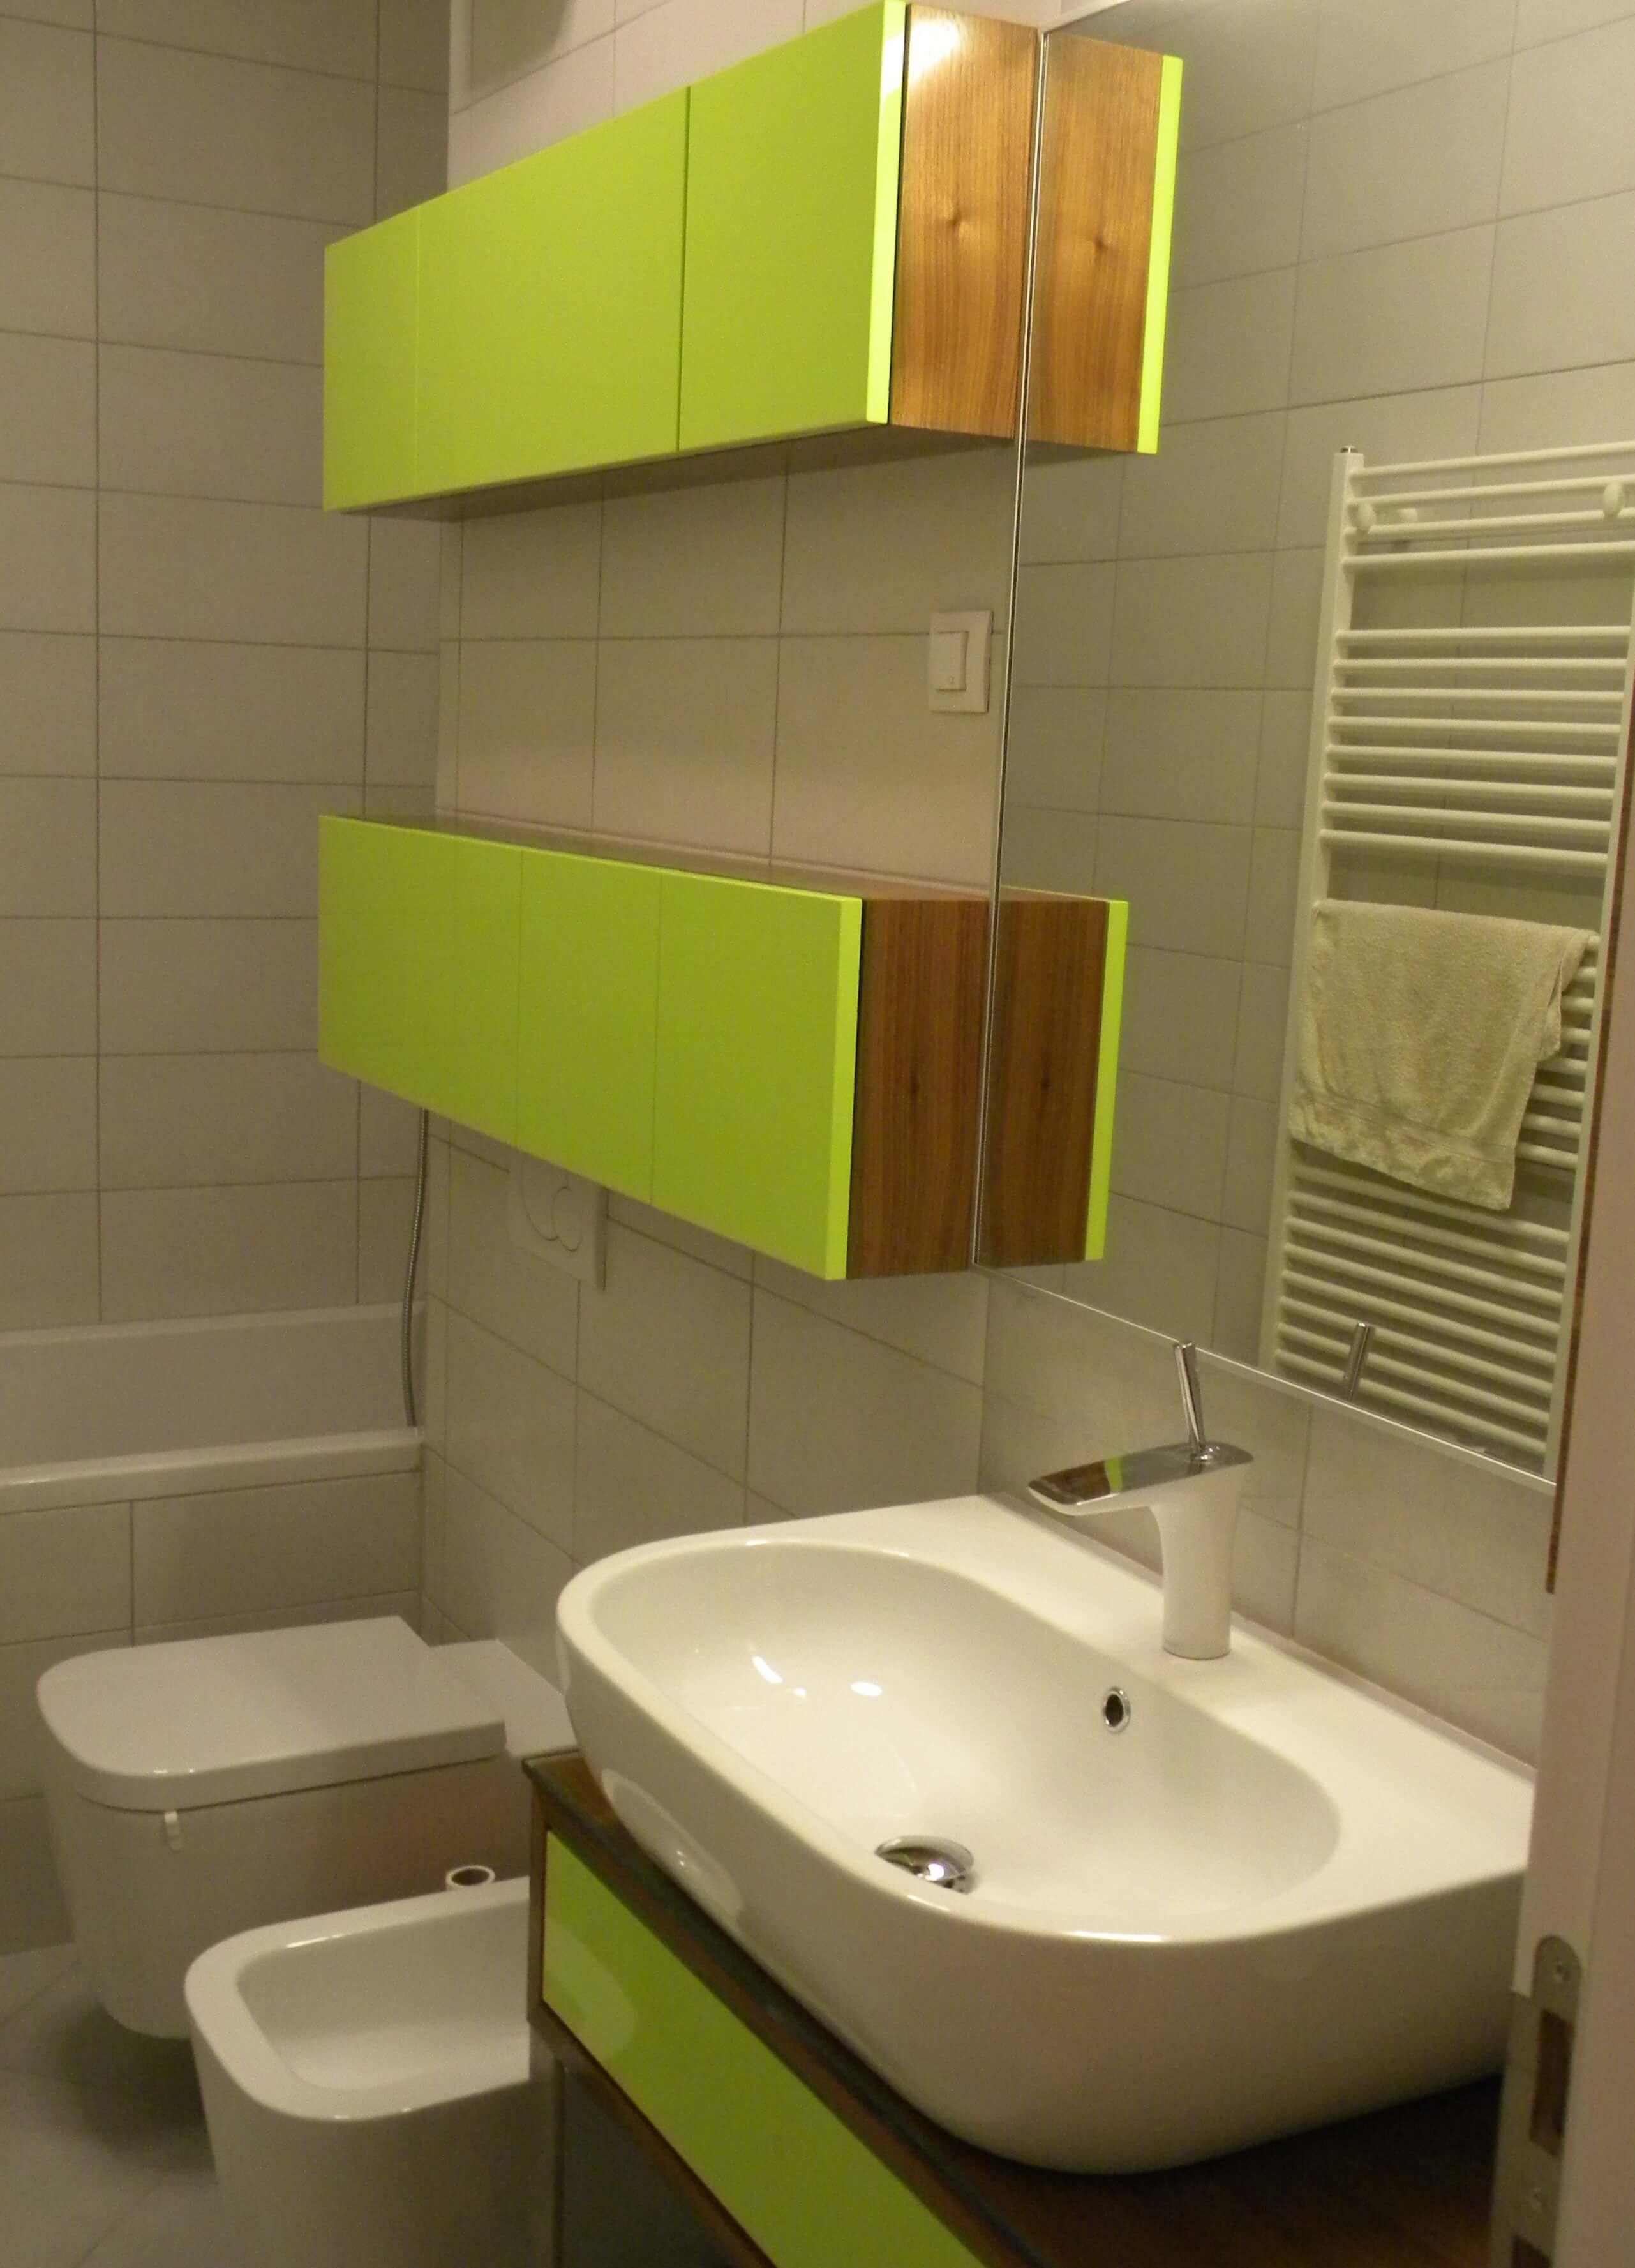 barvano kopalniško pohištvo po naročilu